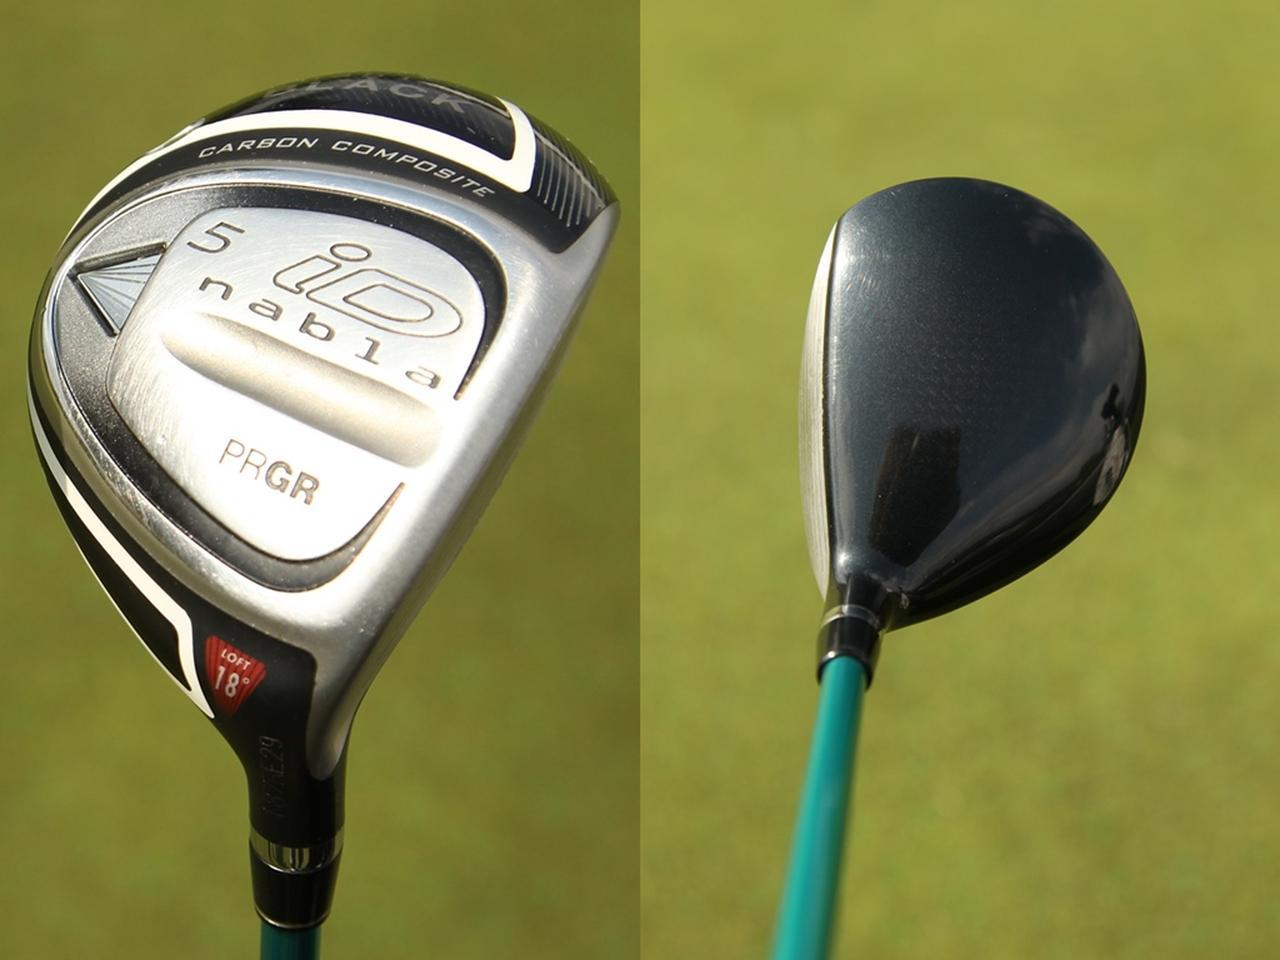 画像: 『iD ナブラ ブラック』は2012 年発売モデル。小平が契約当初からのお気に入りだ(写真左)出っ歯で重心角が大きすぎず、重心距離も長め。左へのミスなく高く打ち出せる(写真右)